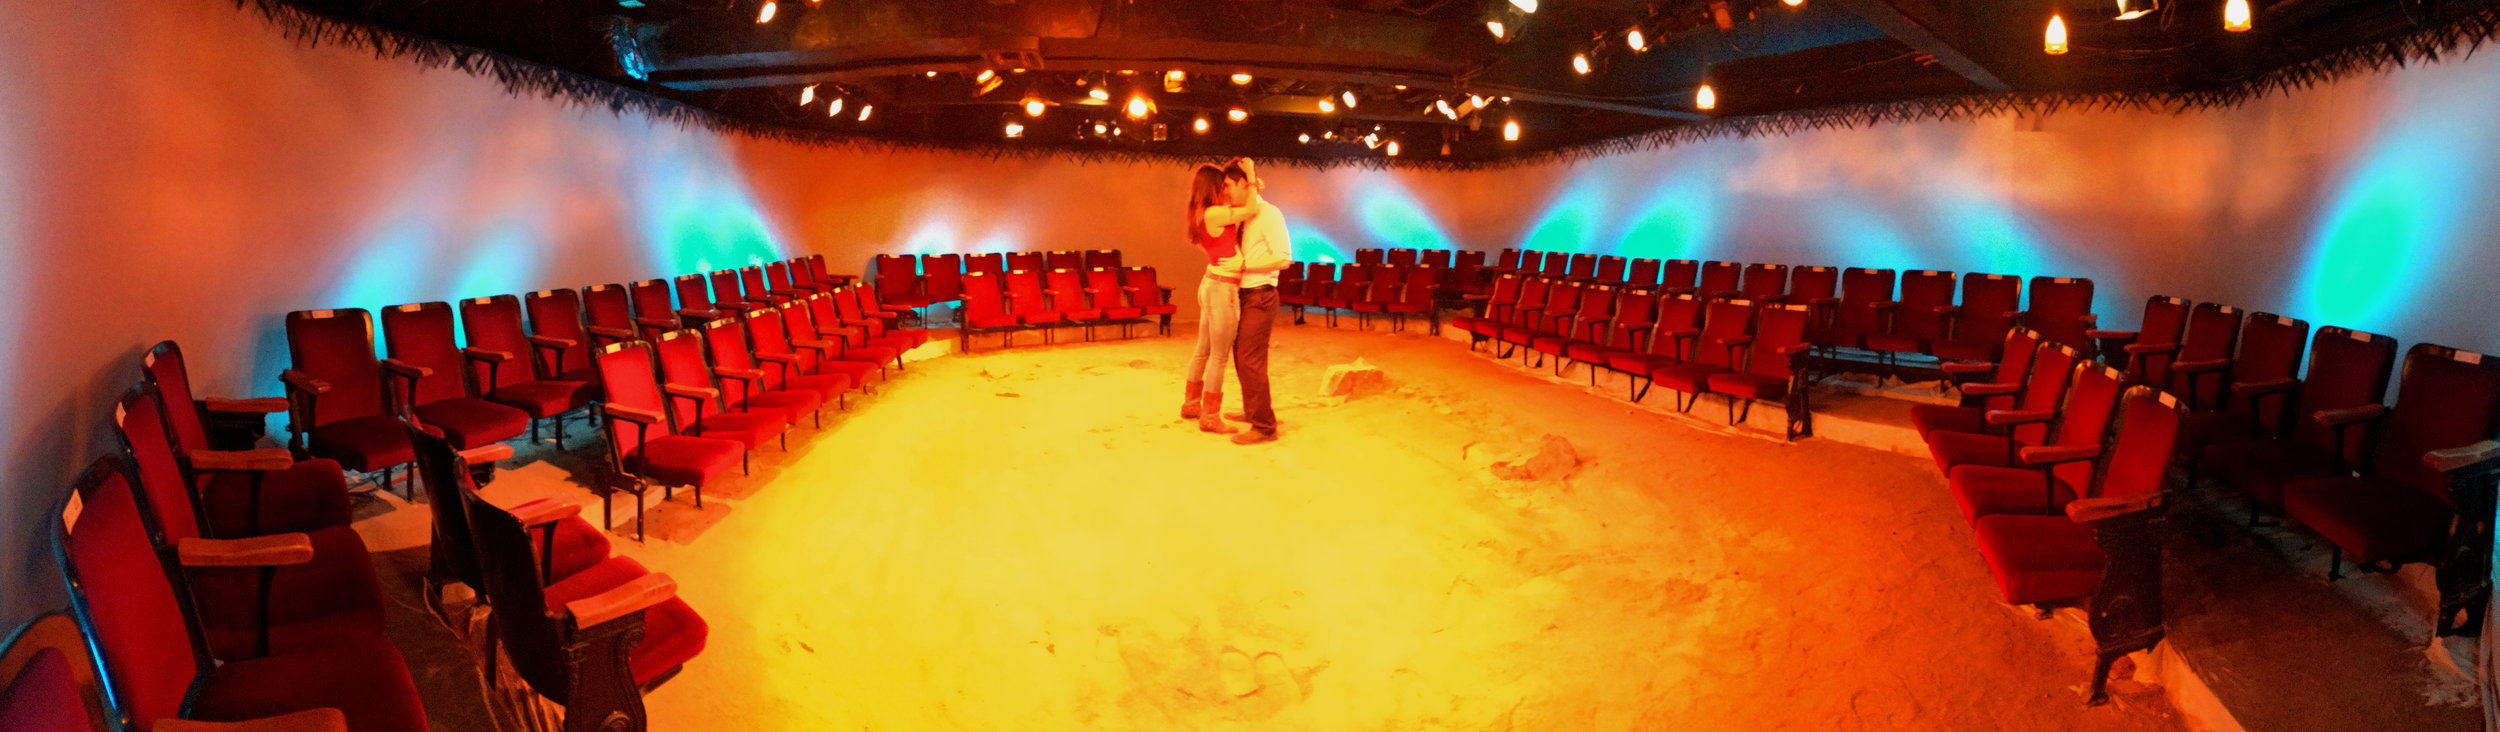 Dream Catcher   at The Fountain Theatre   Photo courtesy of The Fountain Theatre